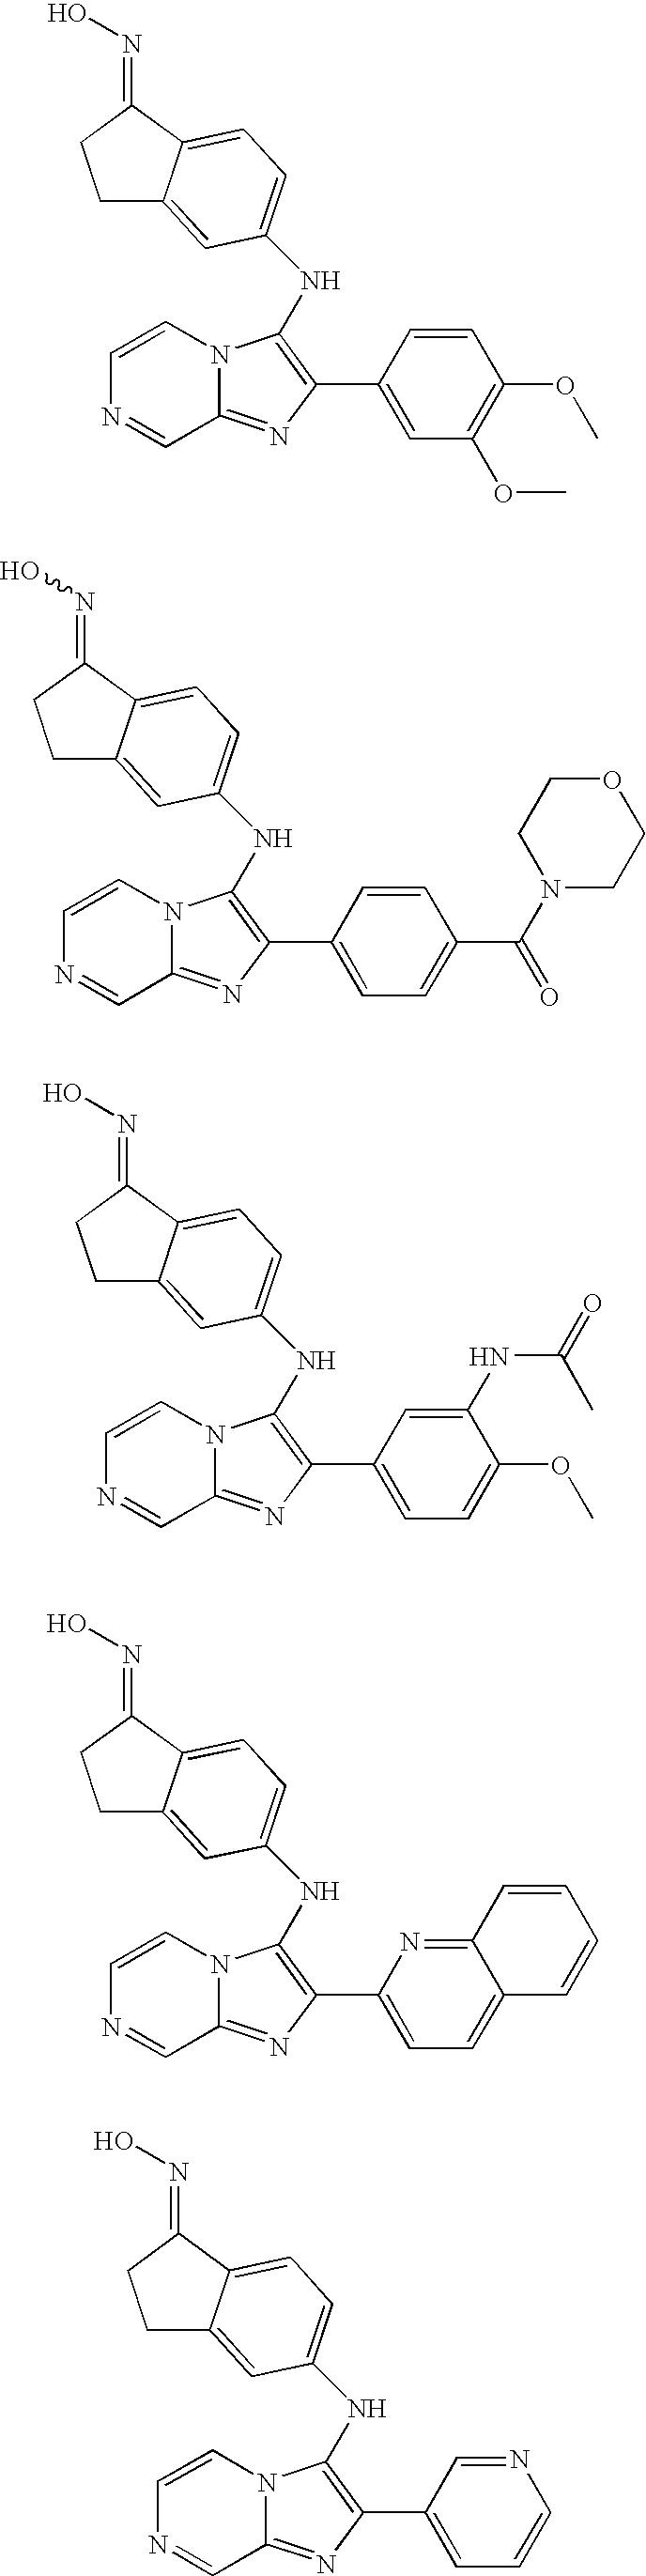 Figure US07566716-20090728-C00149